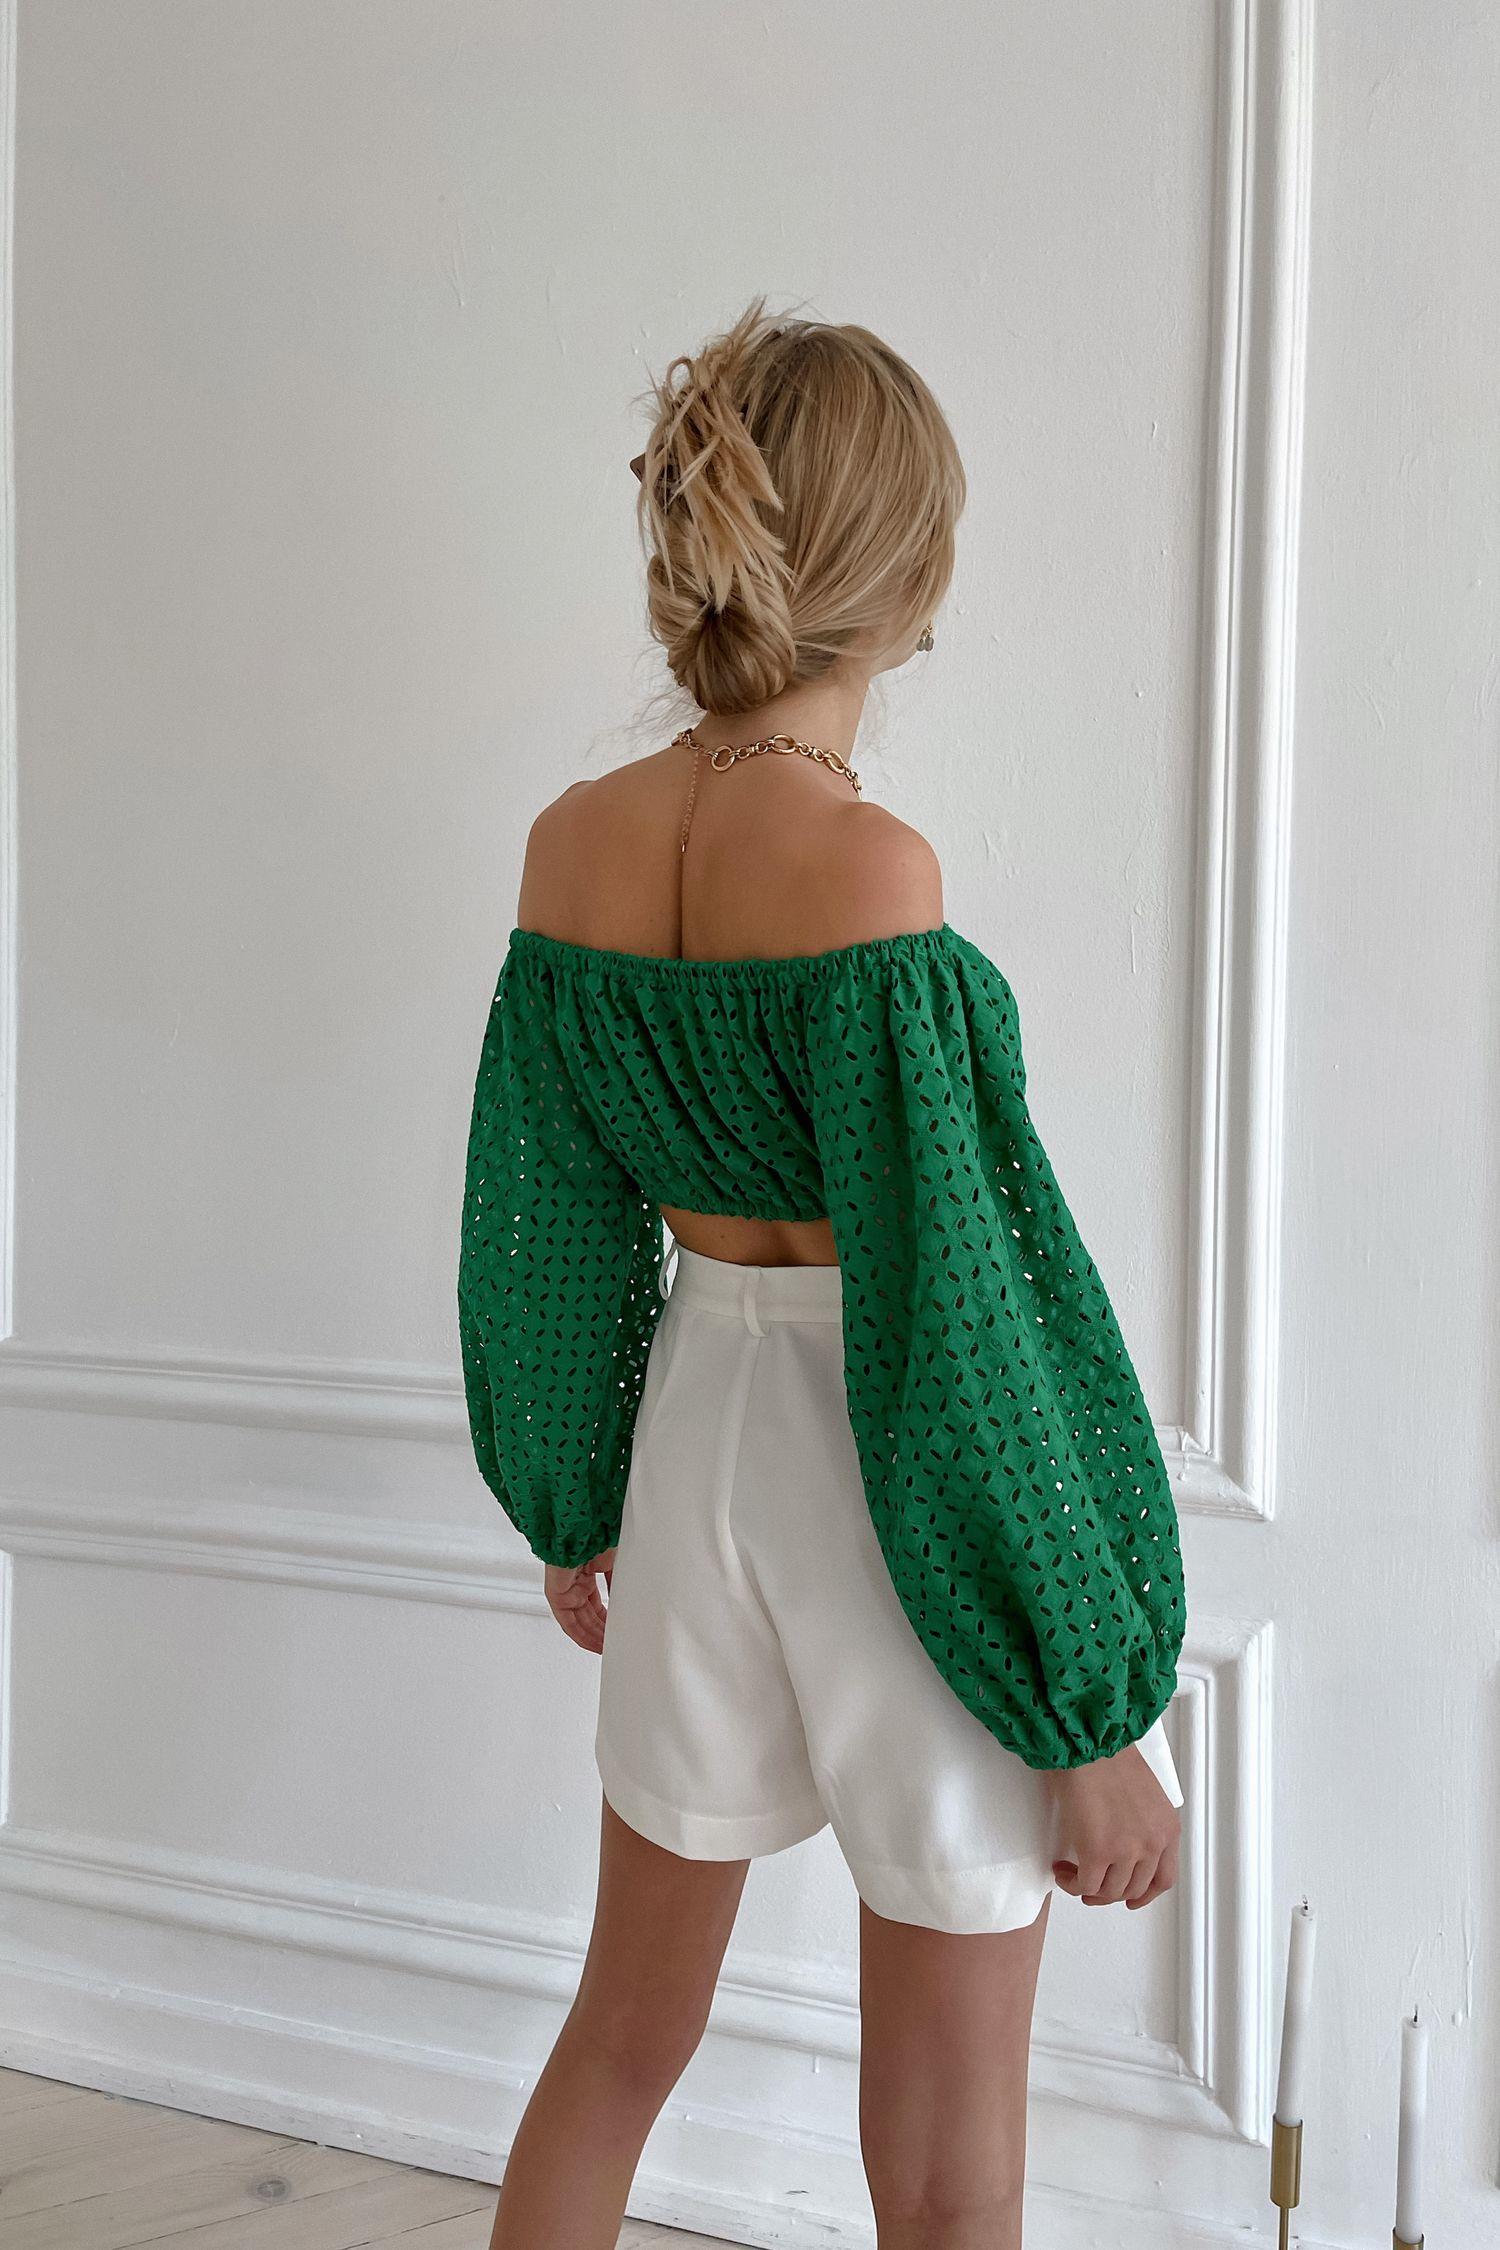 Топ с вышивкой зеленый - THE LACE